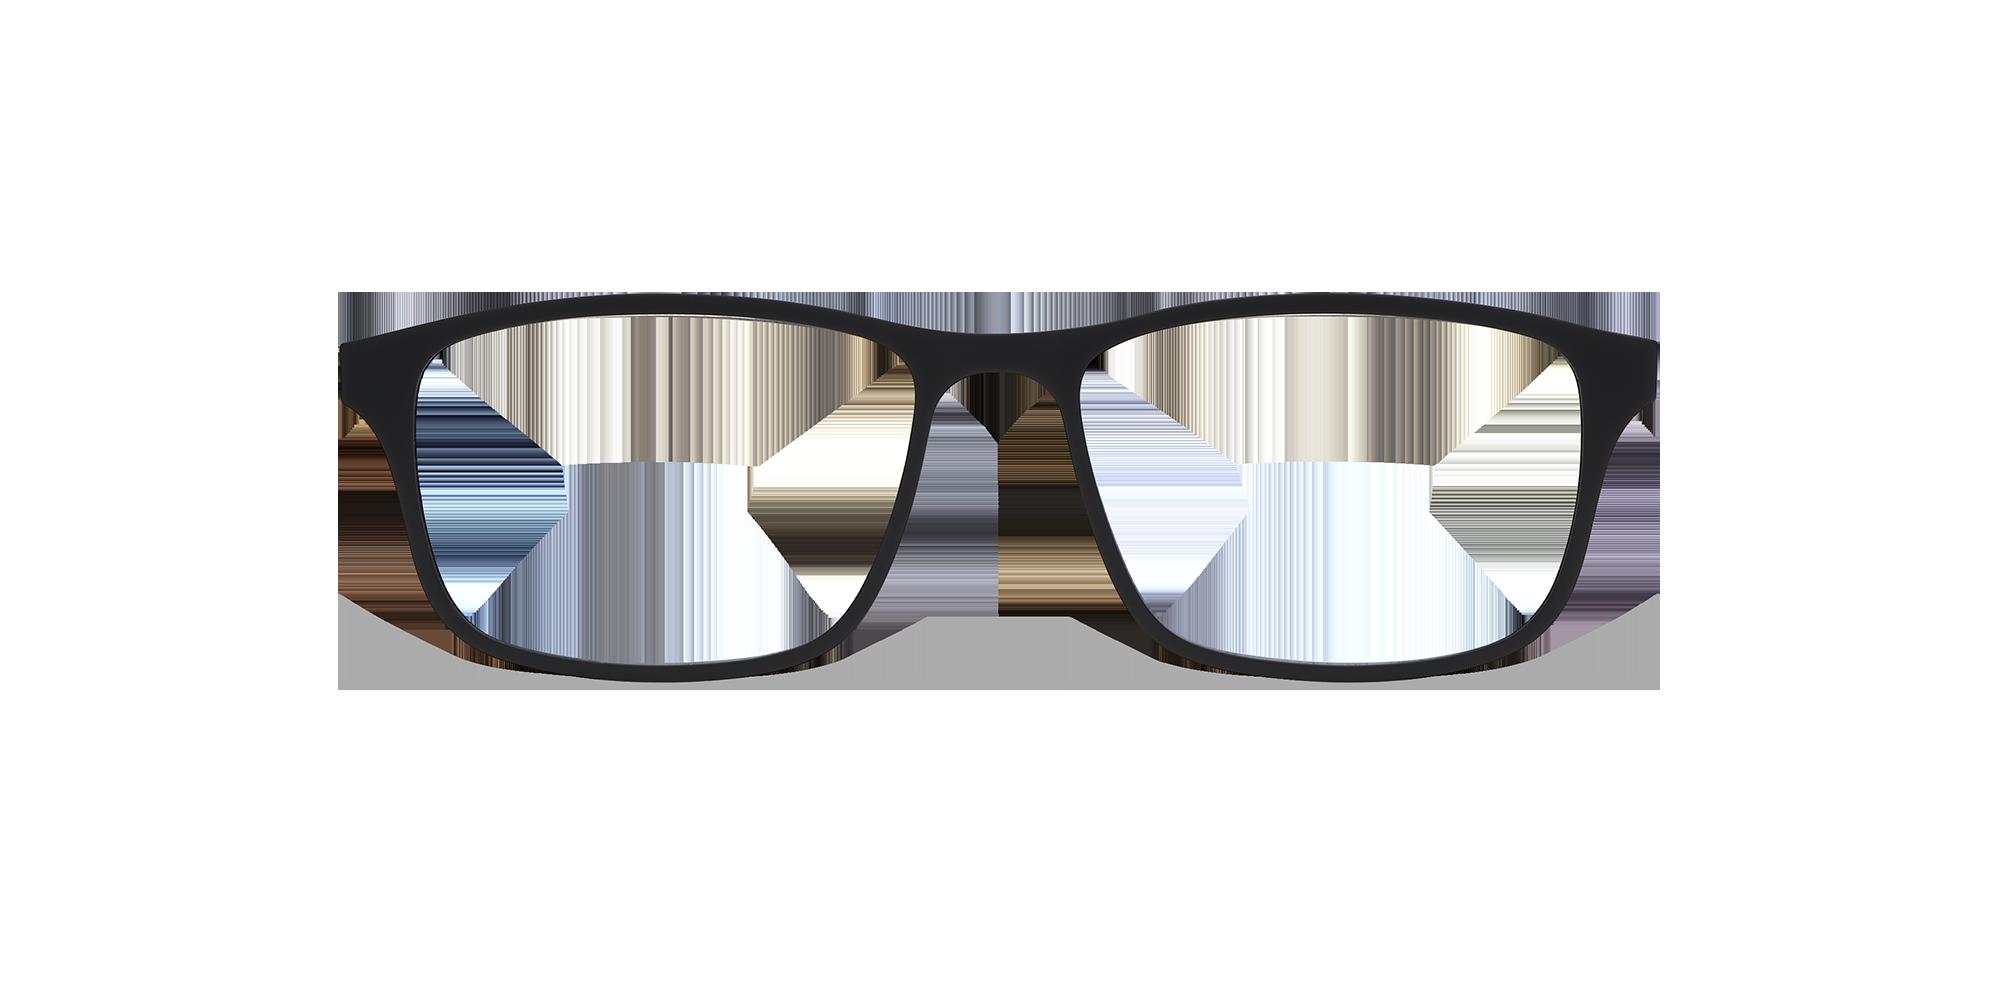 afflelou/france/products/smart_clip/clips_glasses/TMK41NVBK015416.png